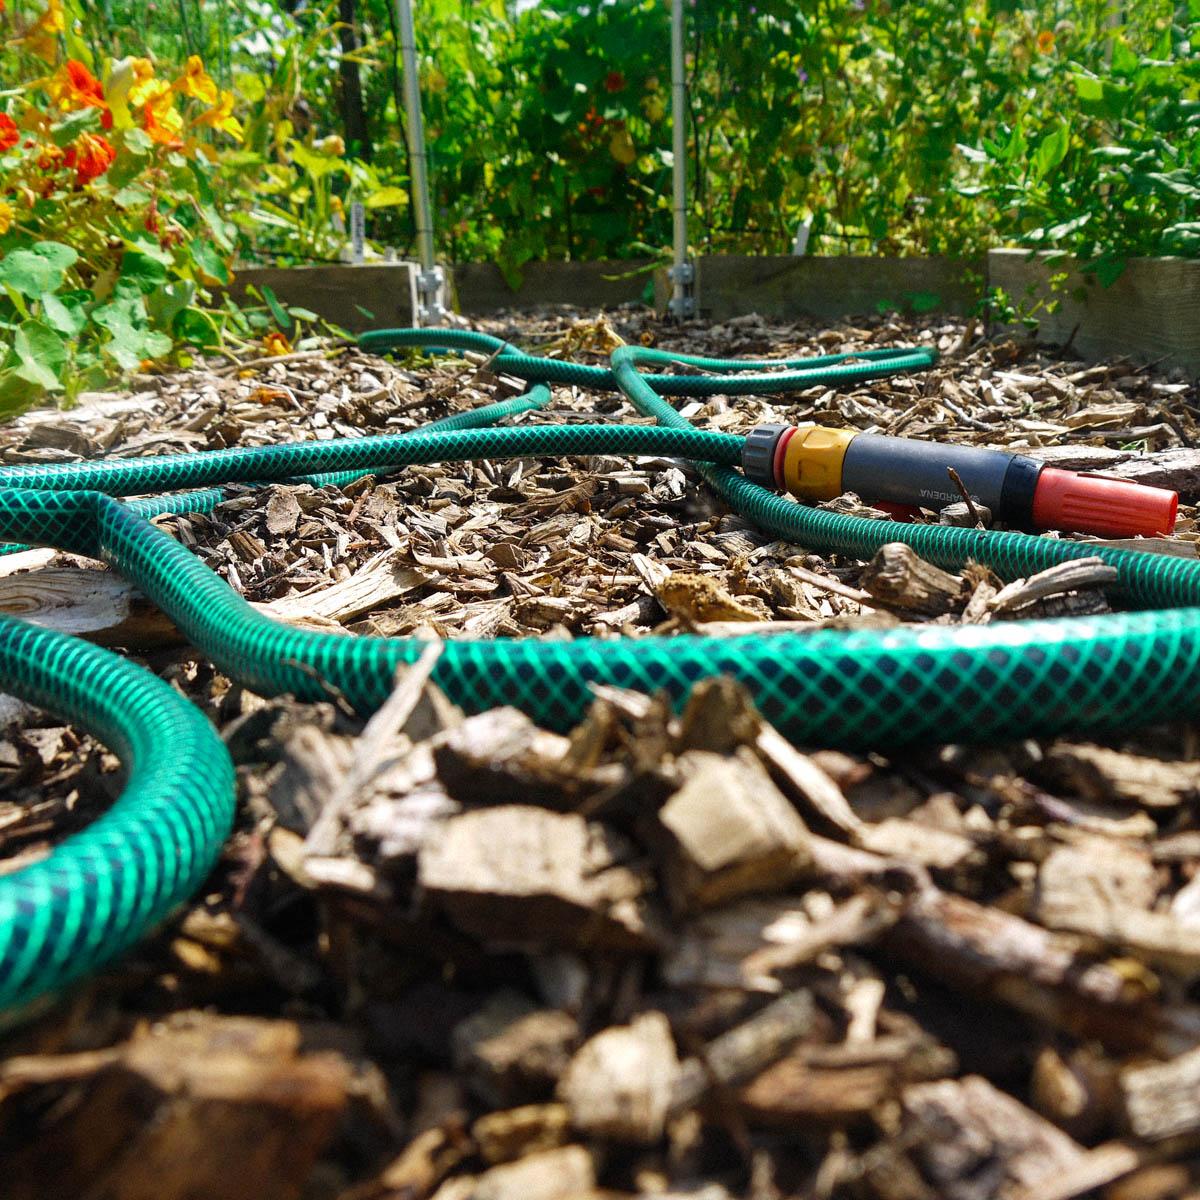 De zon maakt het water in de tuinslang erg heet